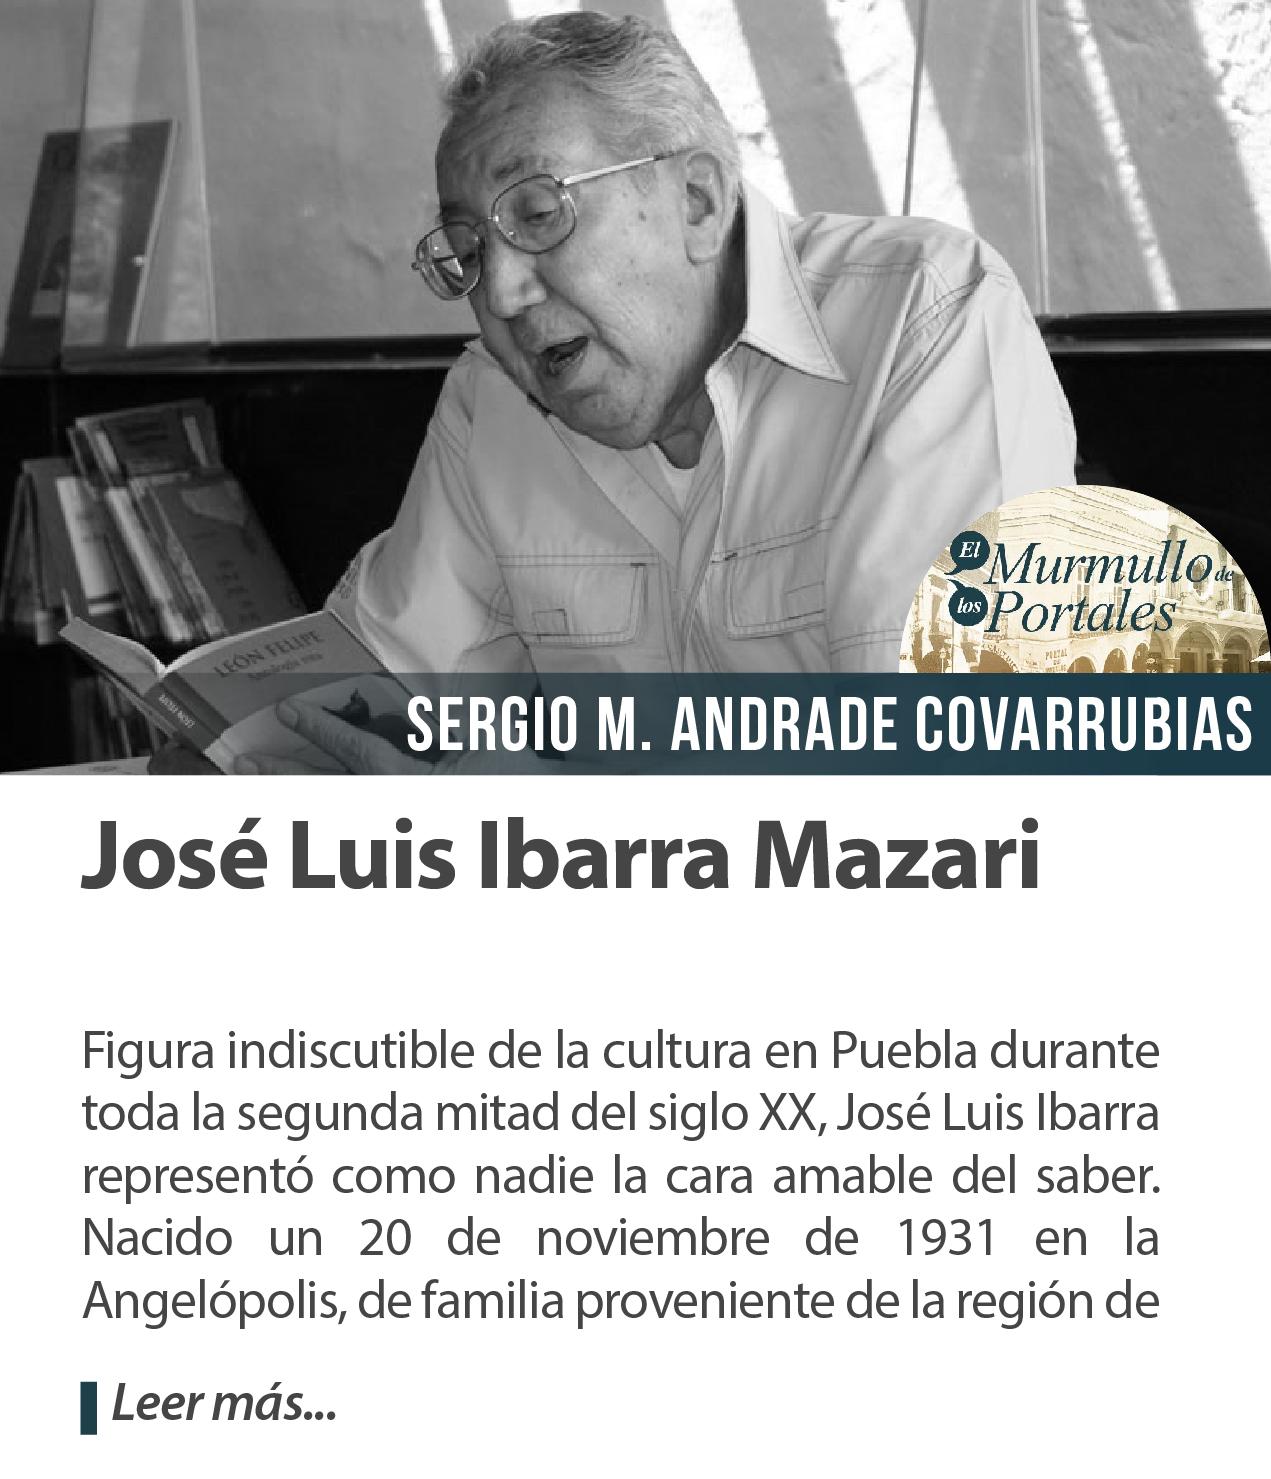 José Luis Ibarra Mazari